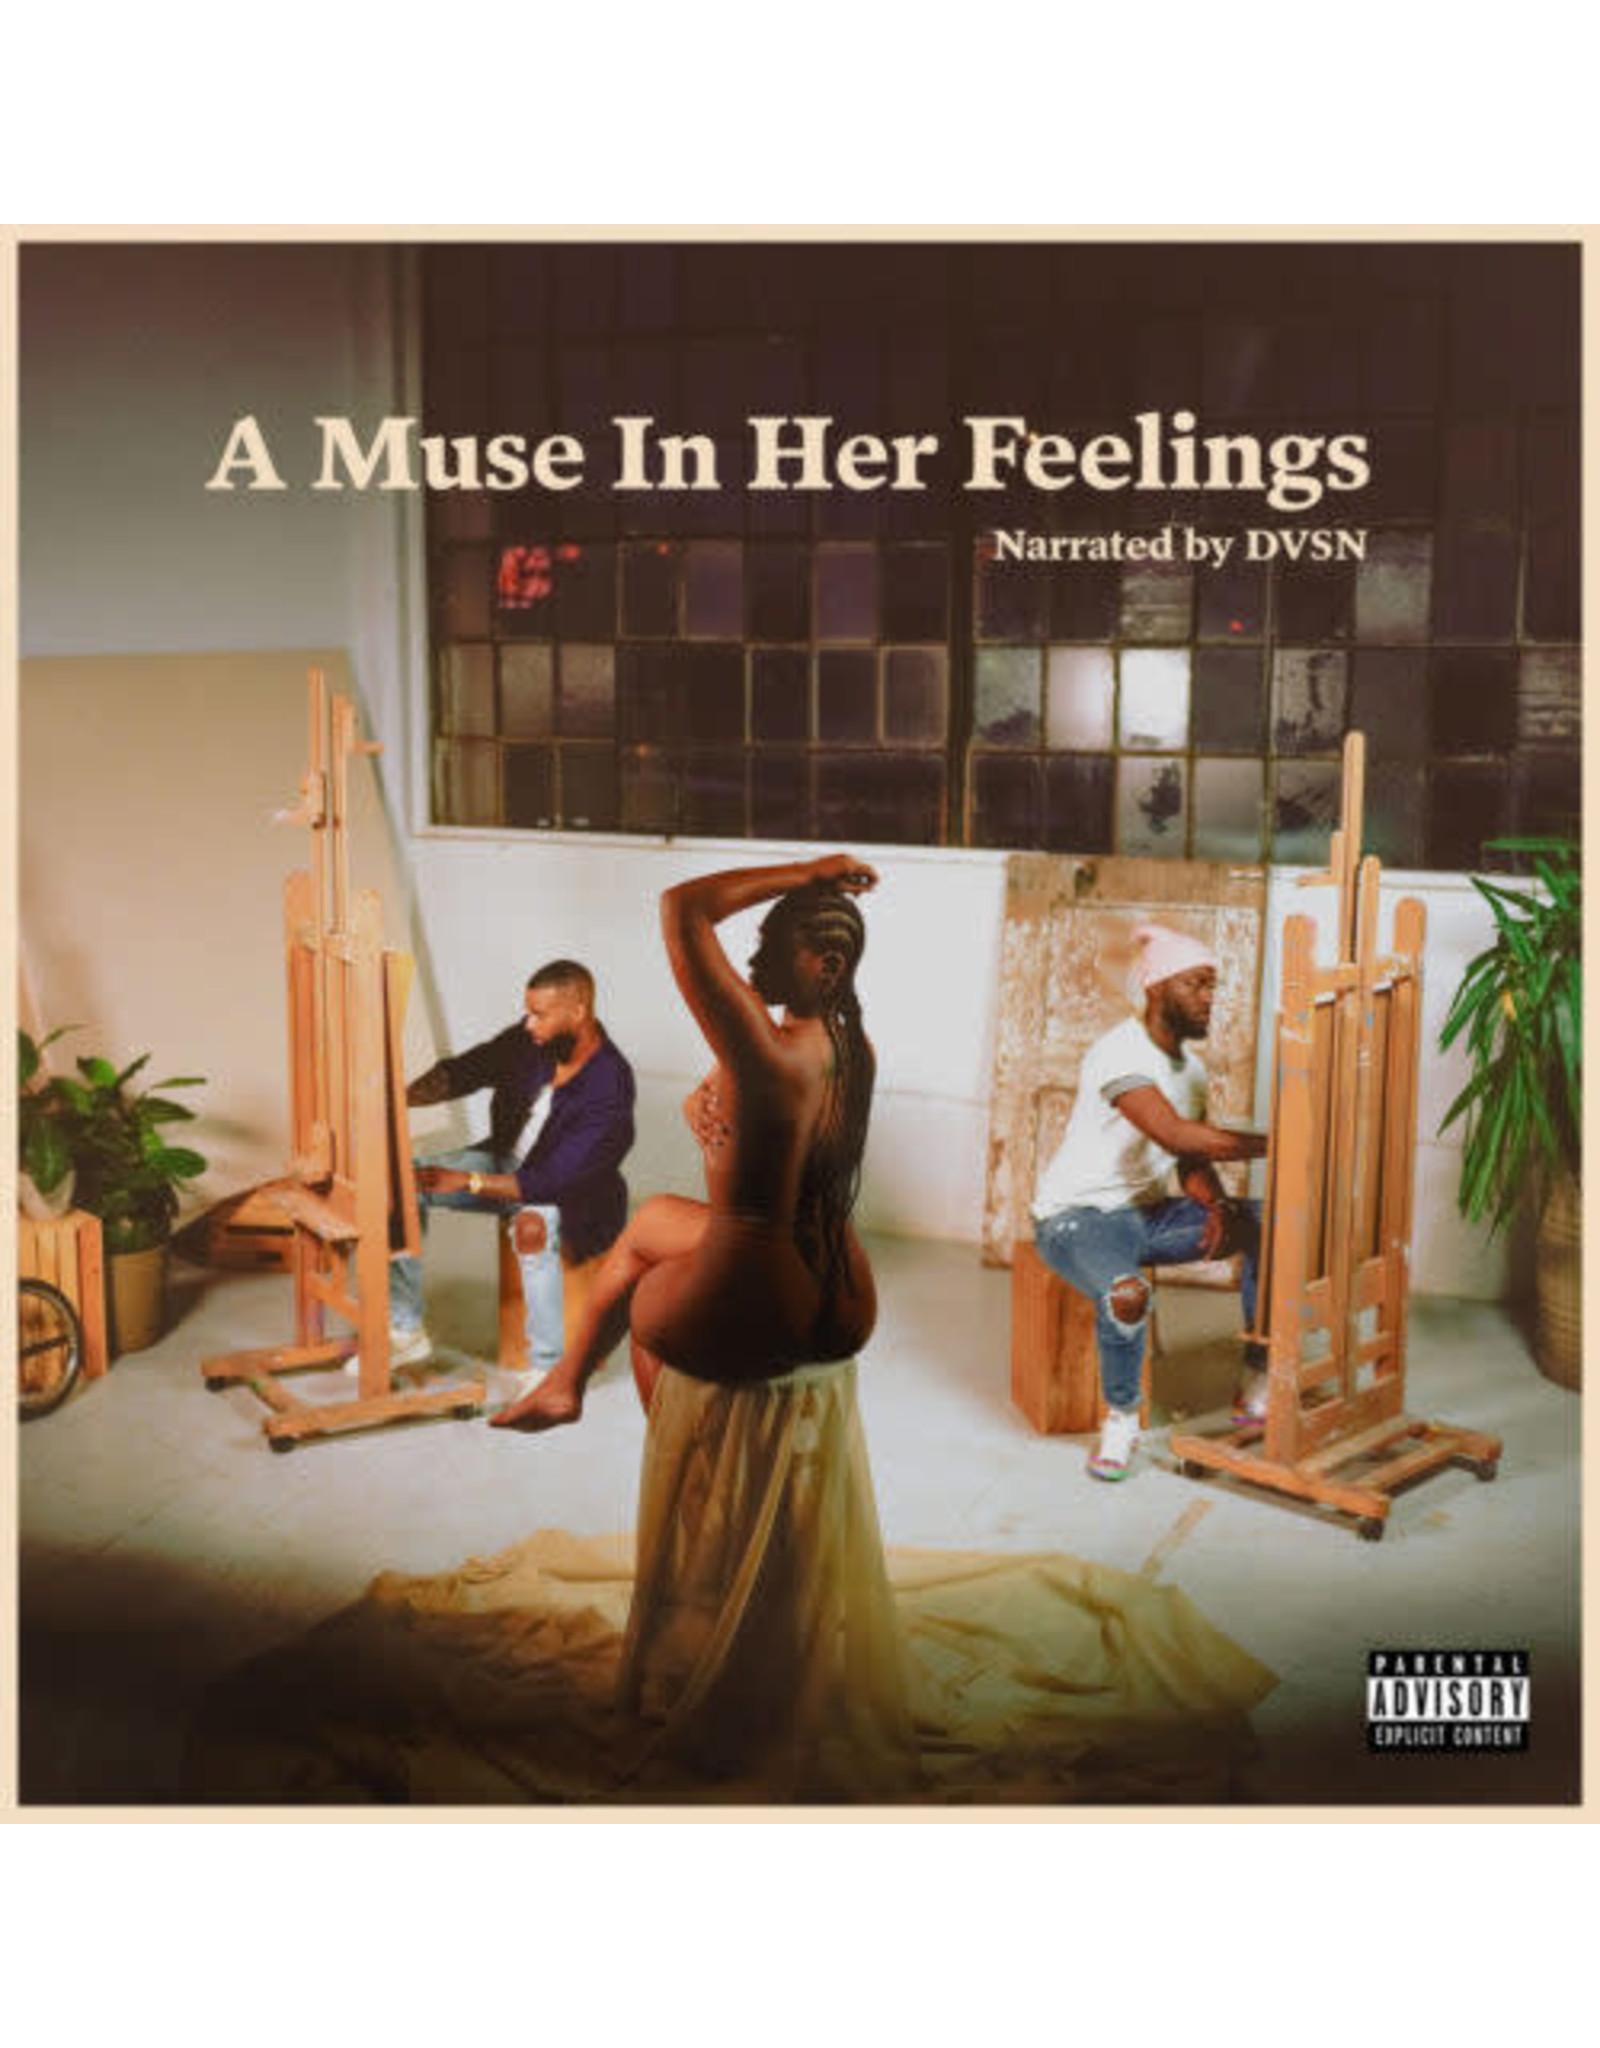 DVSN - A Muse In Her Feelings 2LP